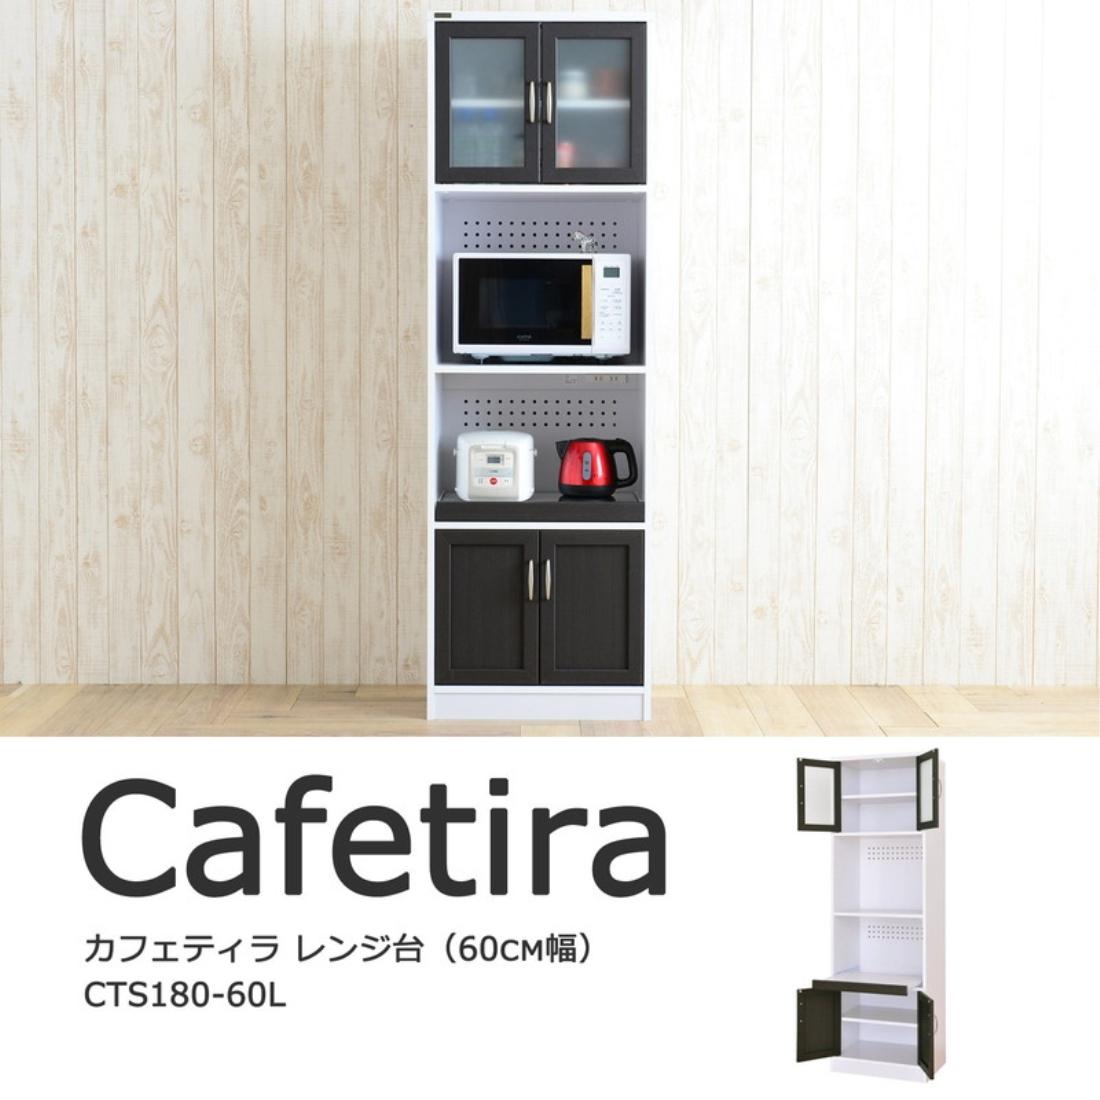 【送料無料】家具 キッチン収納 Cafetira(カフェティラ)レンジ台(ハイタイプ/60cm幅) オシャレ